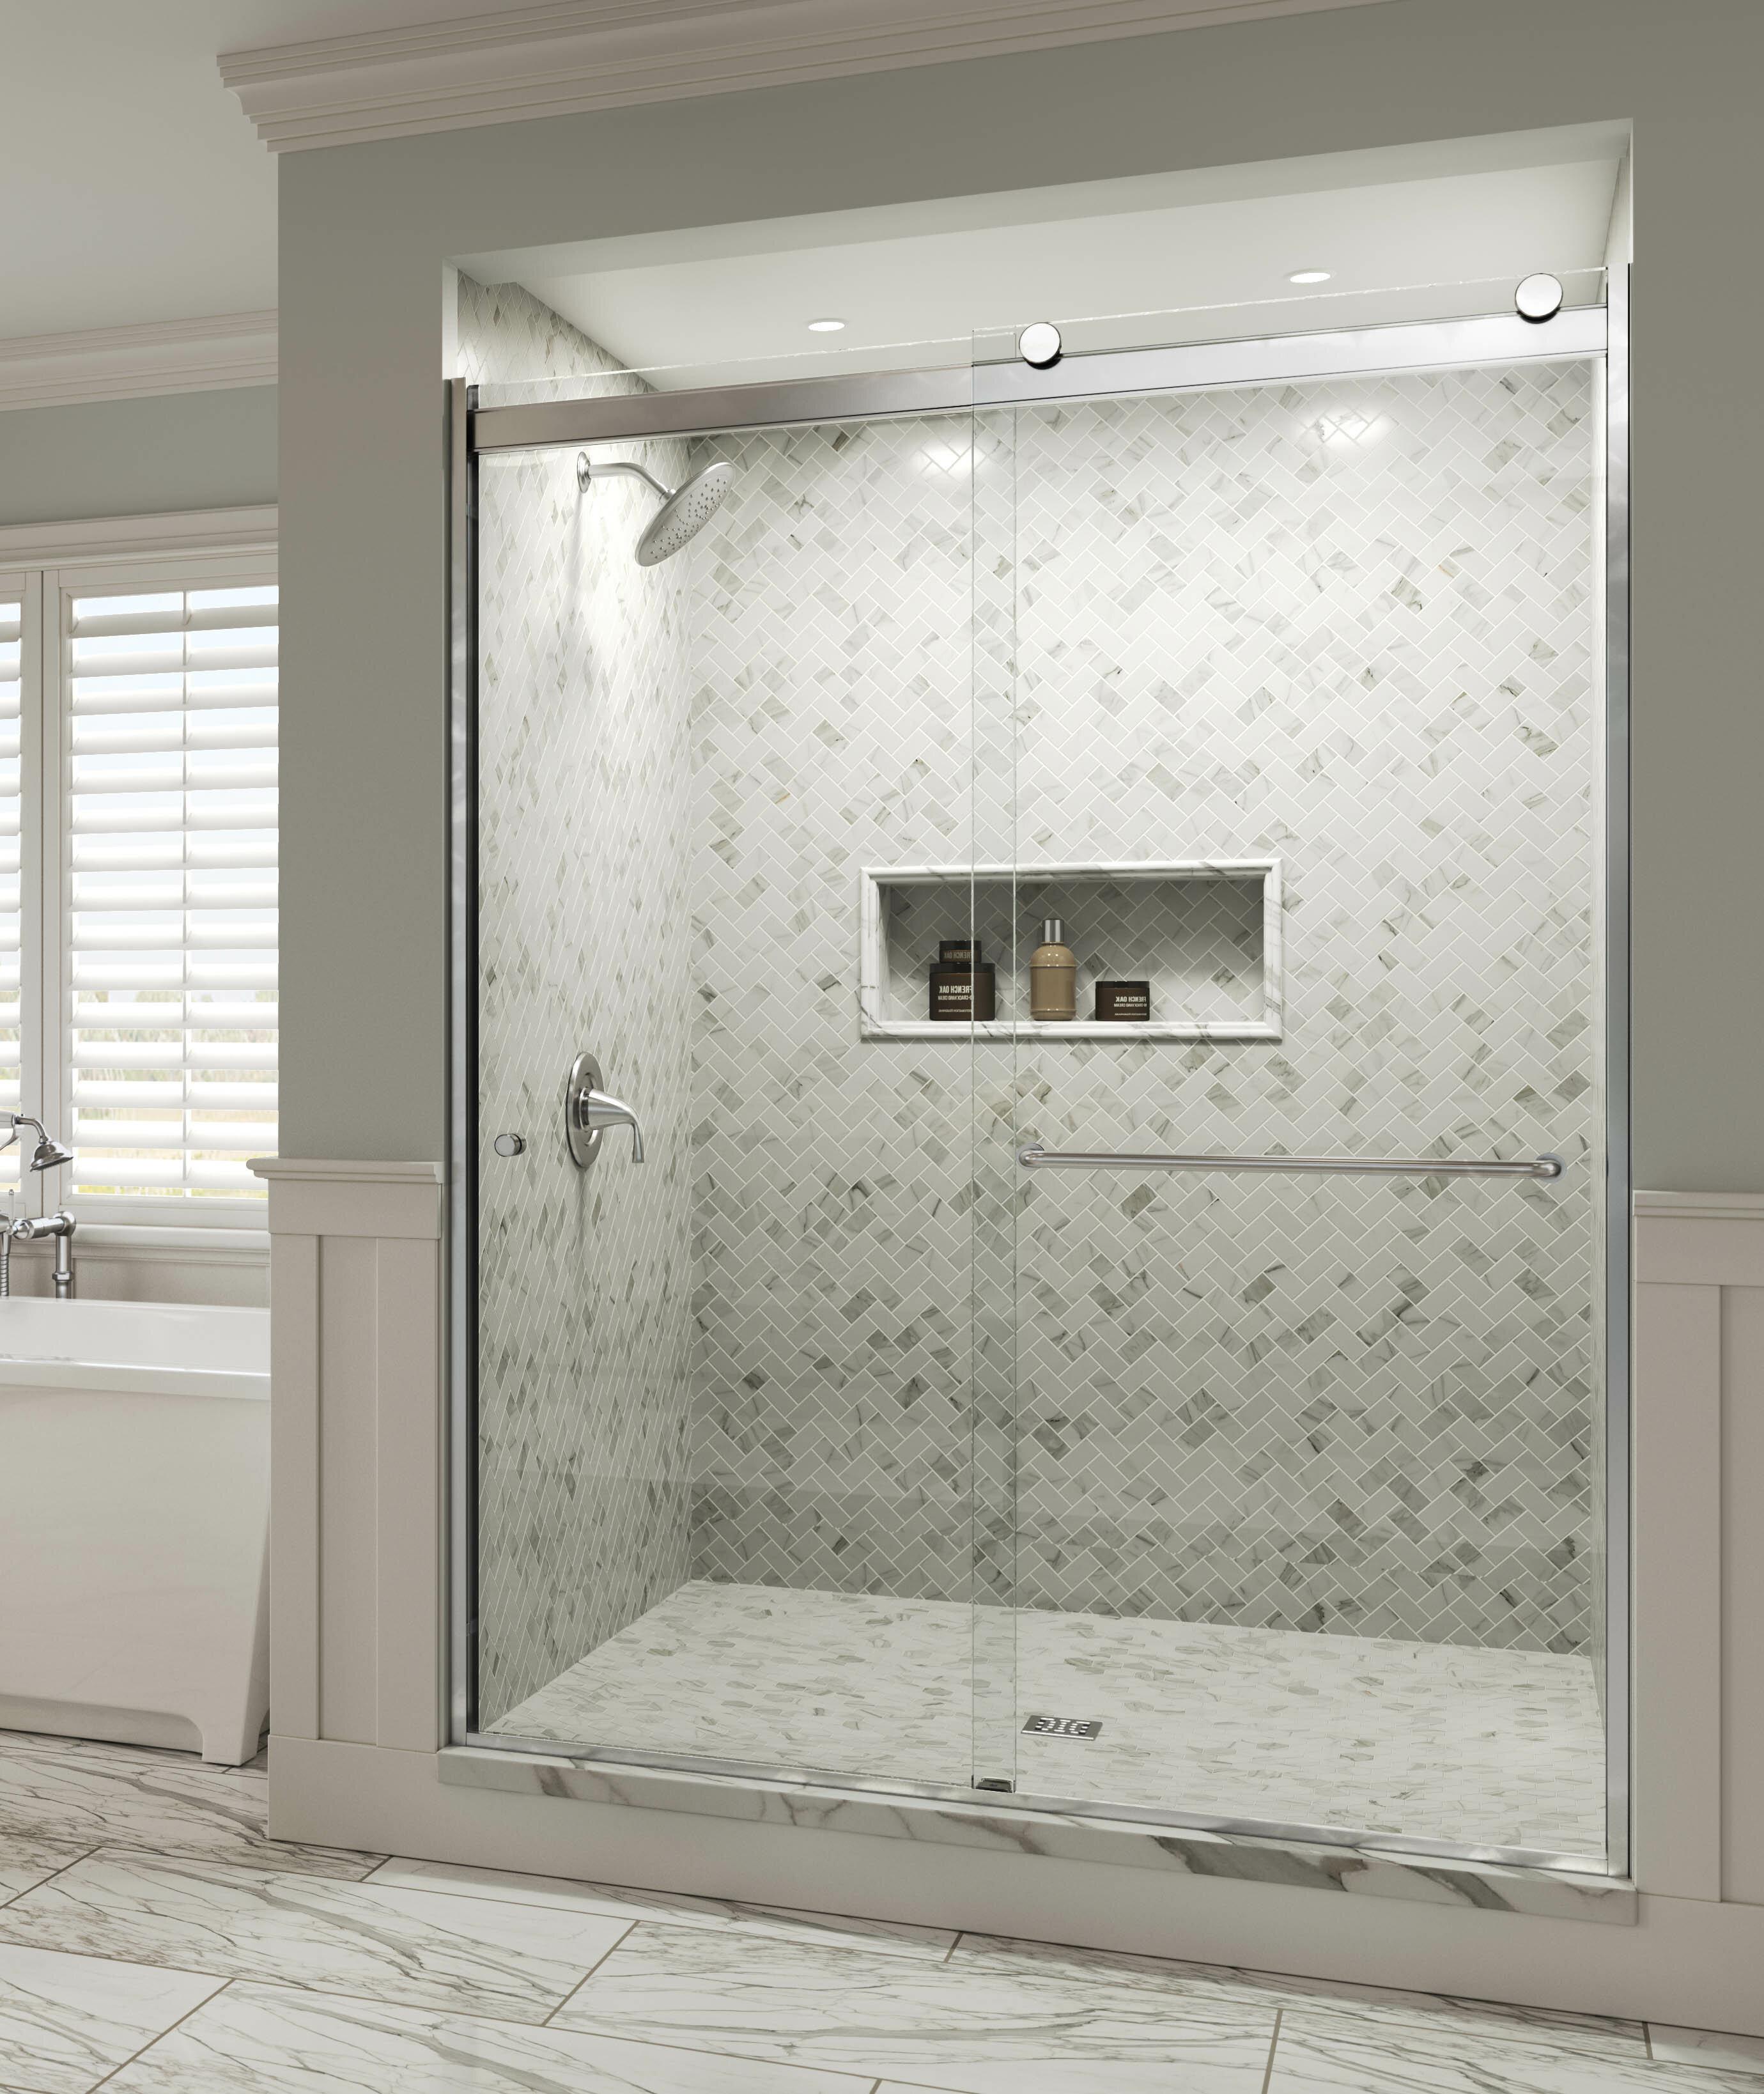 30 Long Oil Rubbed Bronze Sliding Frameless Shower Door Double Towel Bar Kit